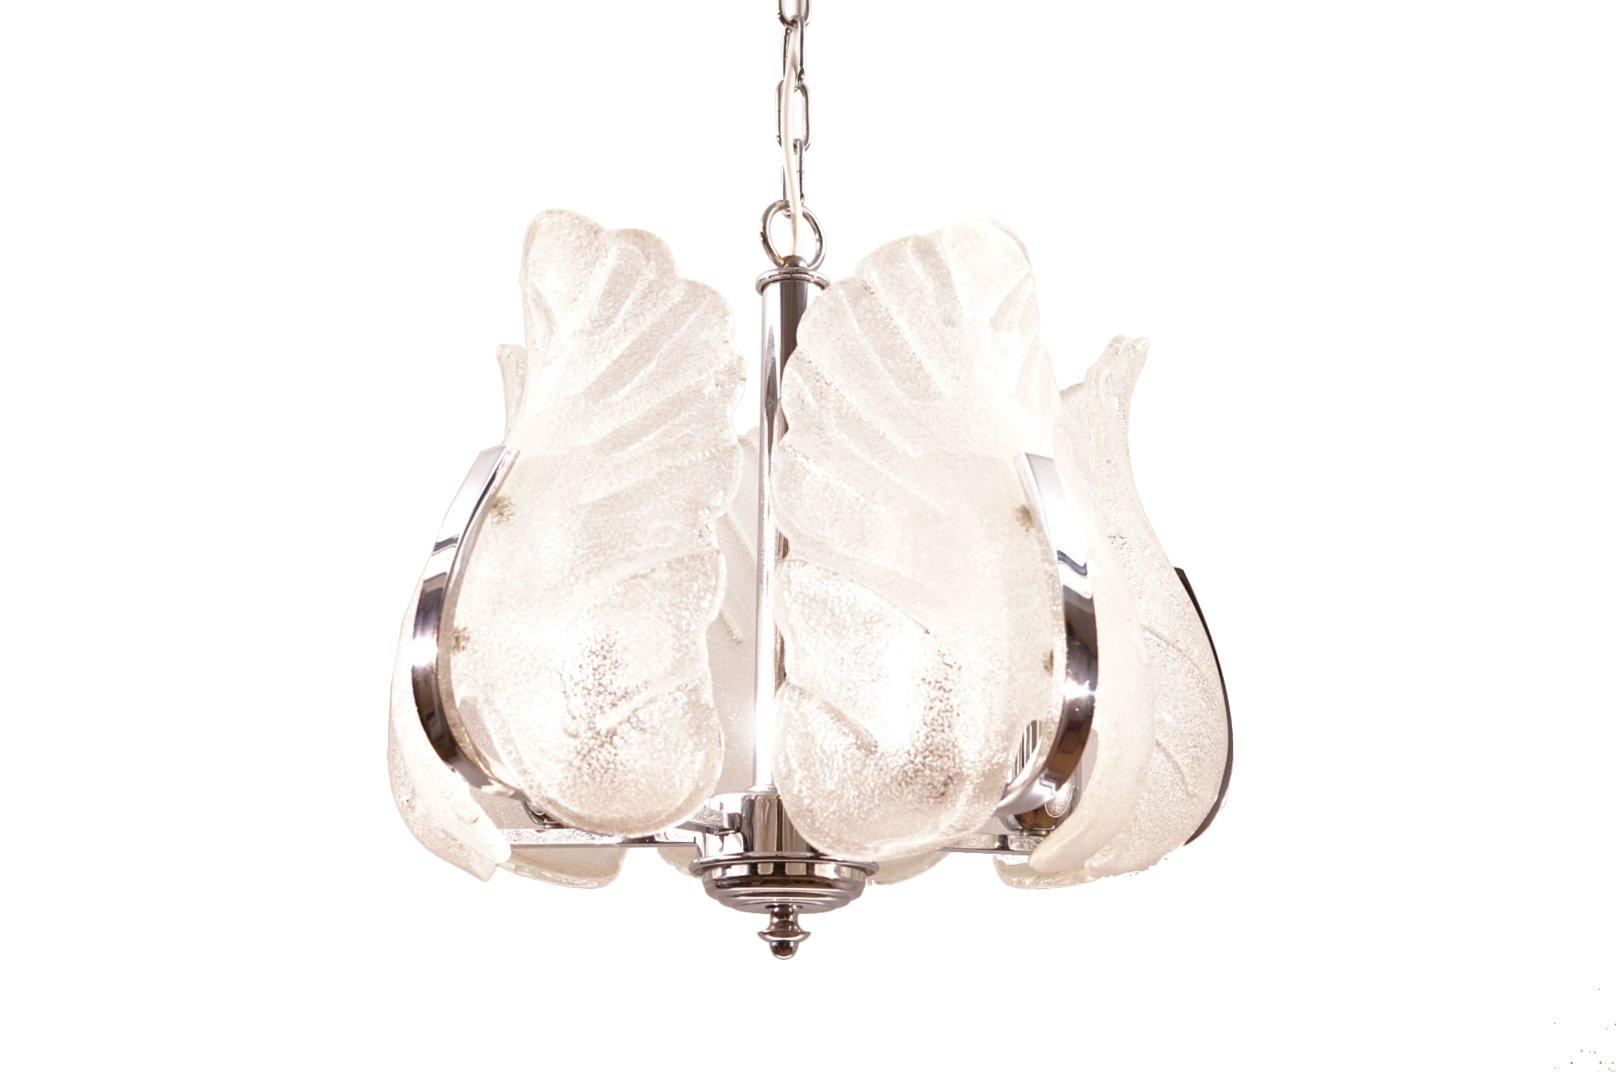 Vintage Kronleuchter aus Chrom & Murano Glas von Carl Fagerlund für Or...